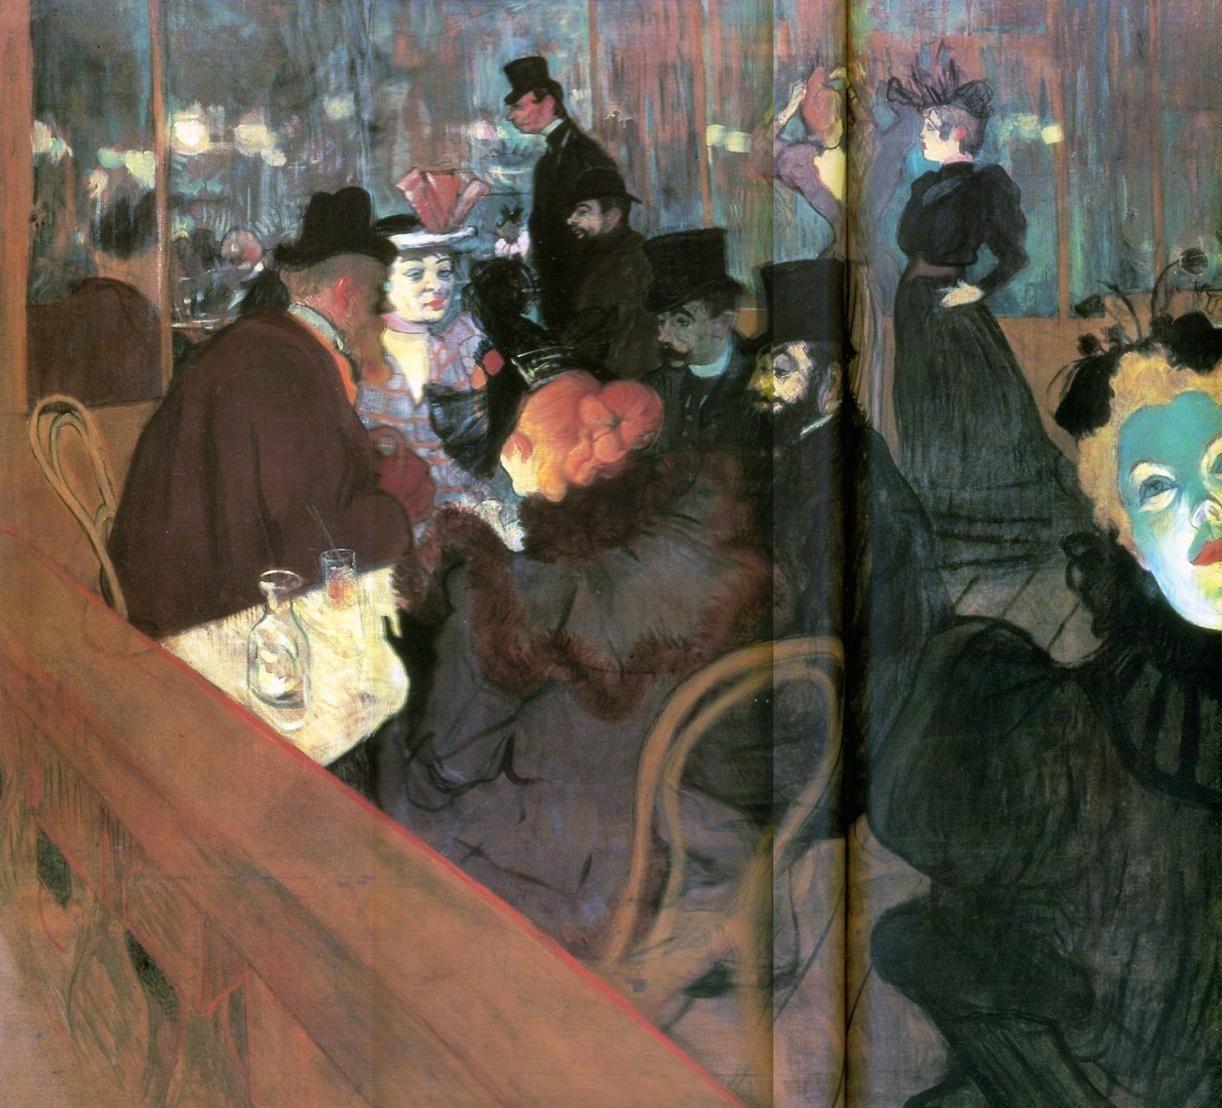 Toulouse-Lautrec 1892 Au Moulin-Rouge #France #Paris @deFharo